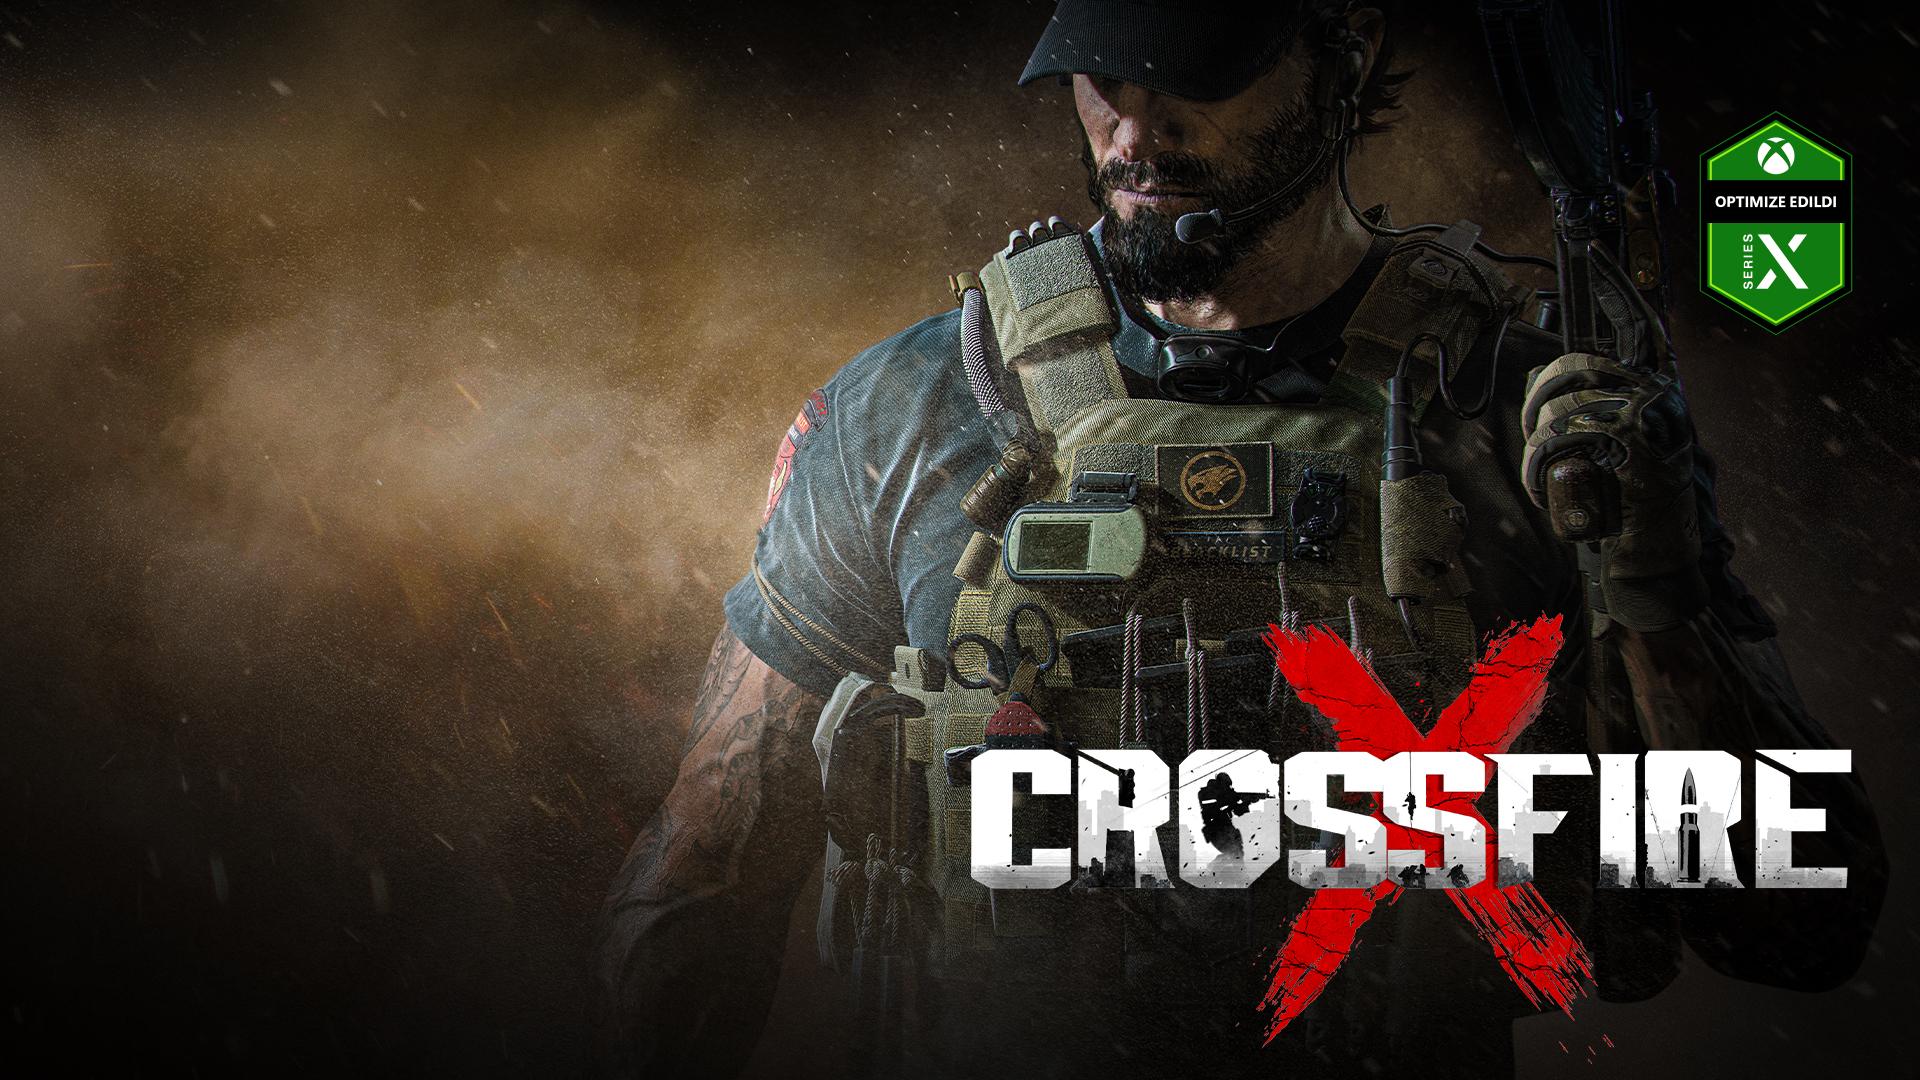 CrossfireX, Xbox Series X için Optimize Edildi, Ağır zırhlı bir adam duman ve küllerin ortasında duruyor